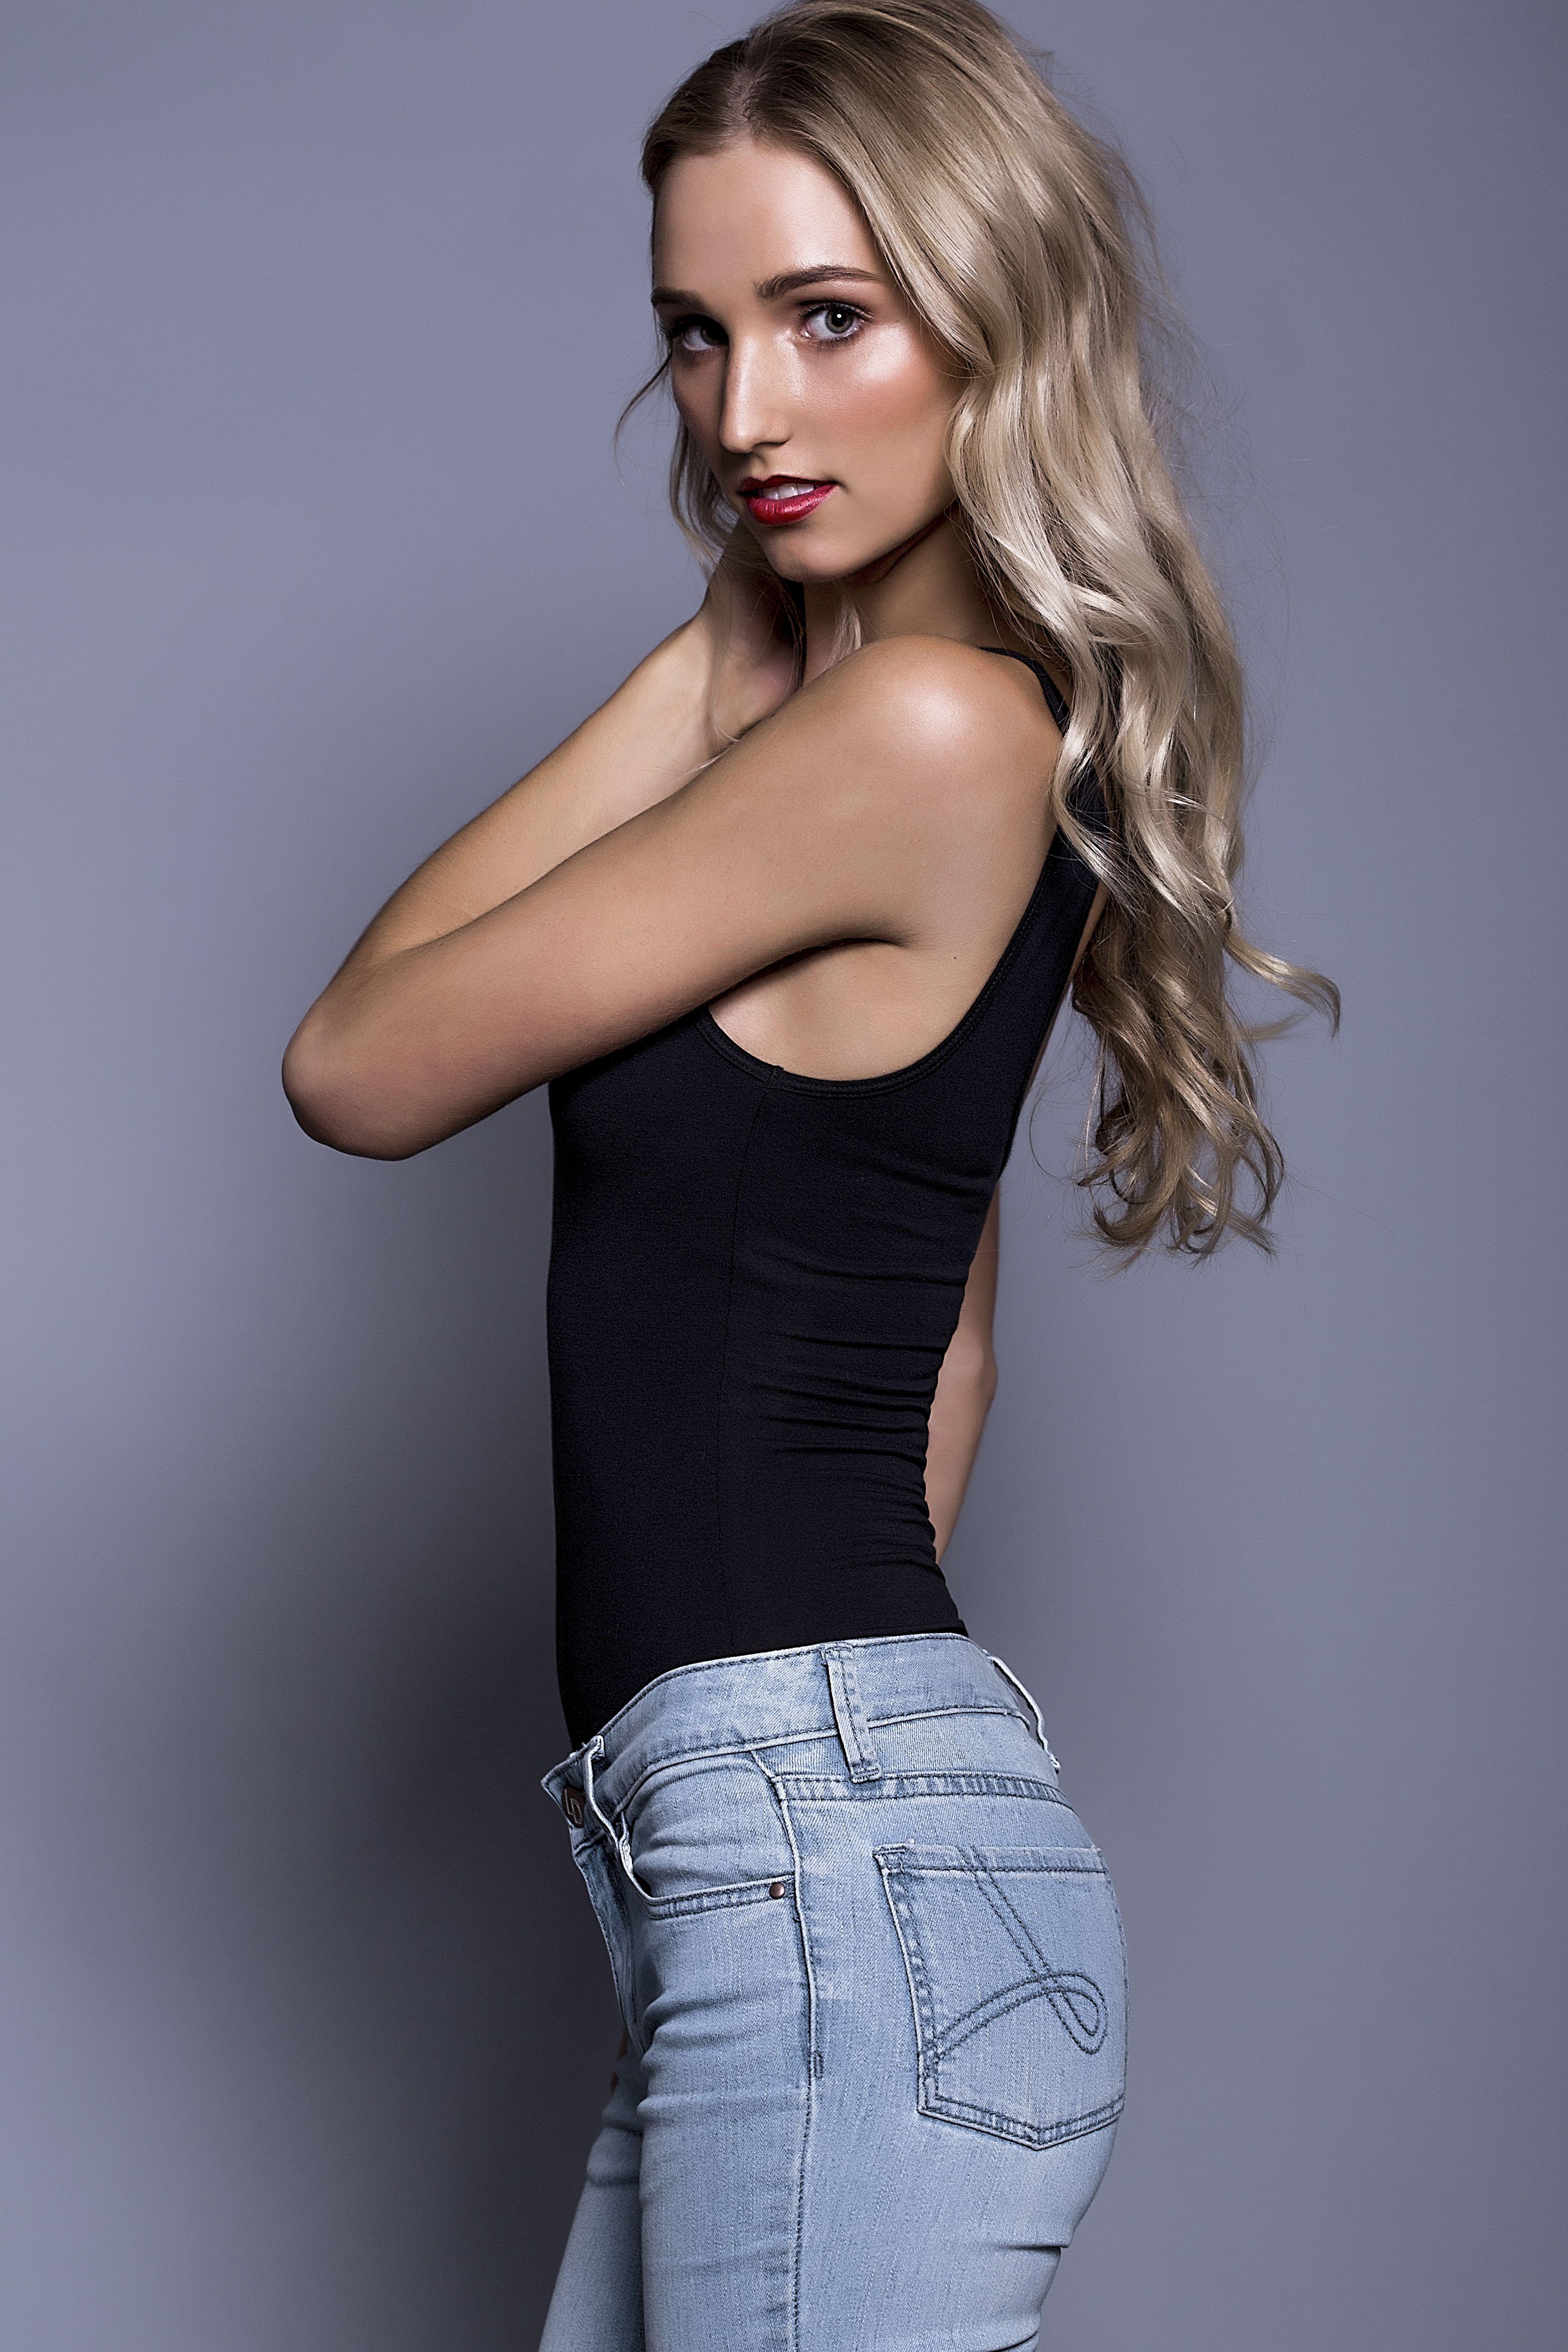 Anika Brazen Models